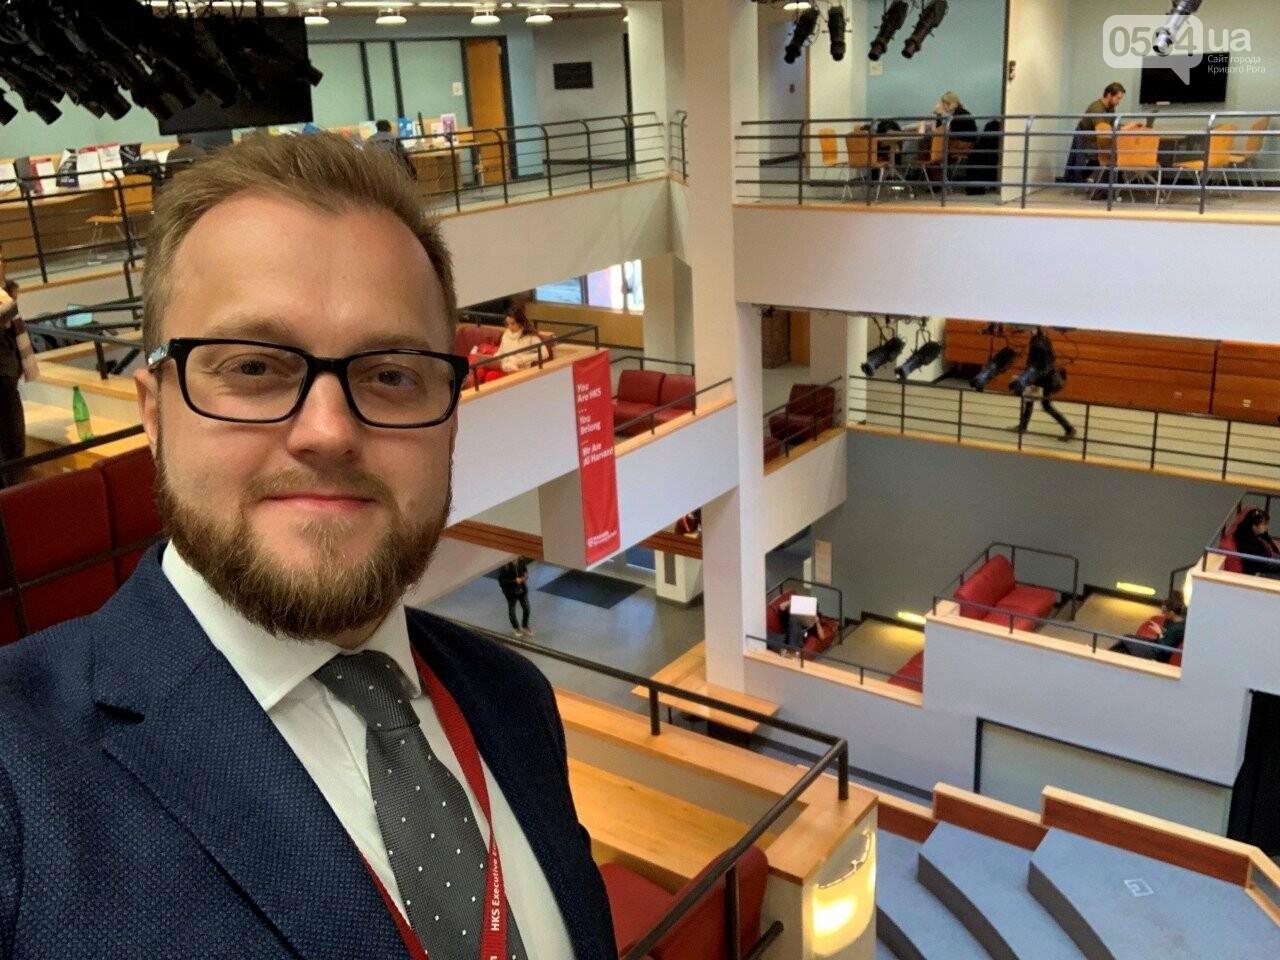 Константин Усов уехал в США на учебу в Гарвардский университет, и после окончания программы возвращается в Кривой Рог,  - ФОТО, фото-1